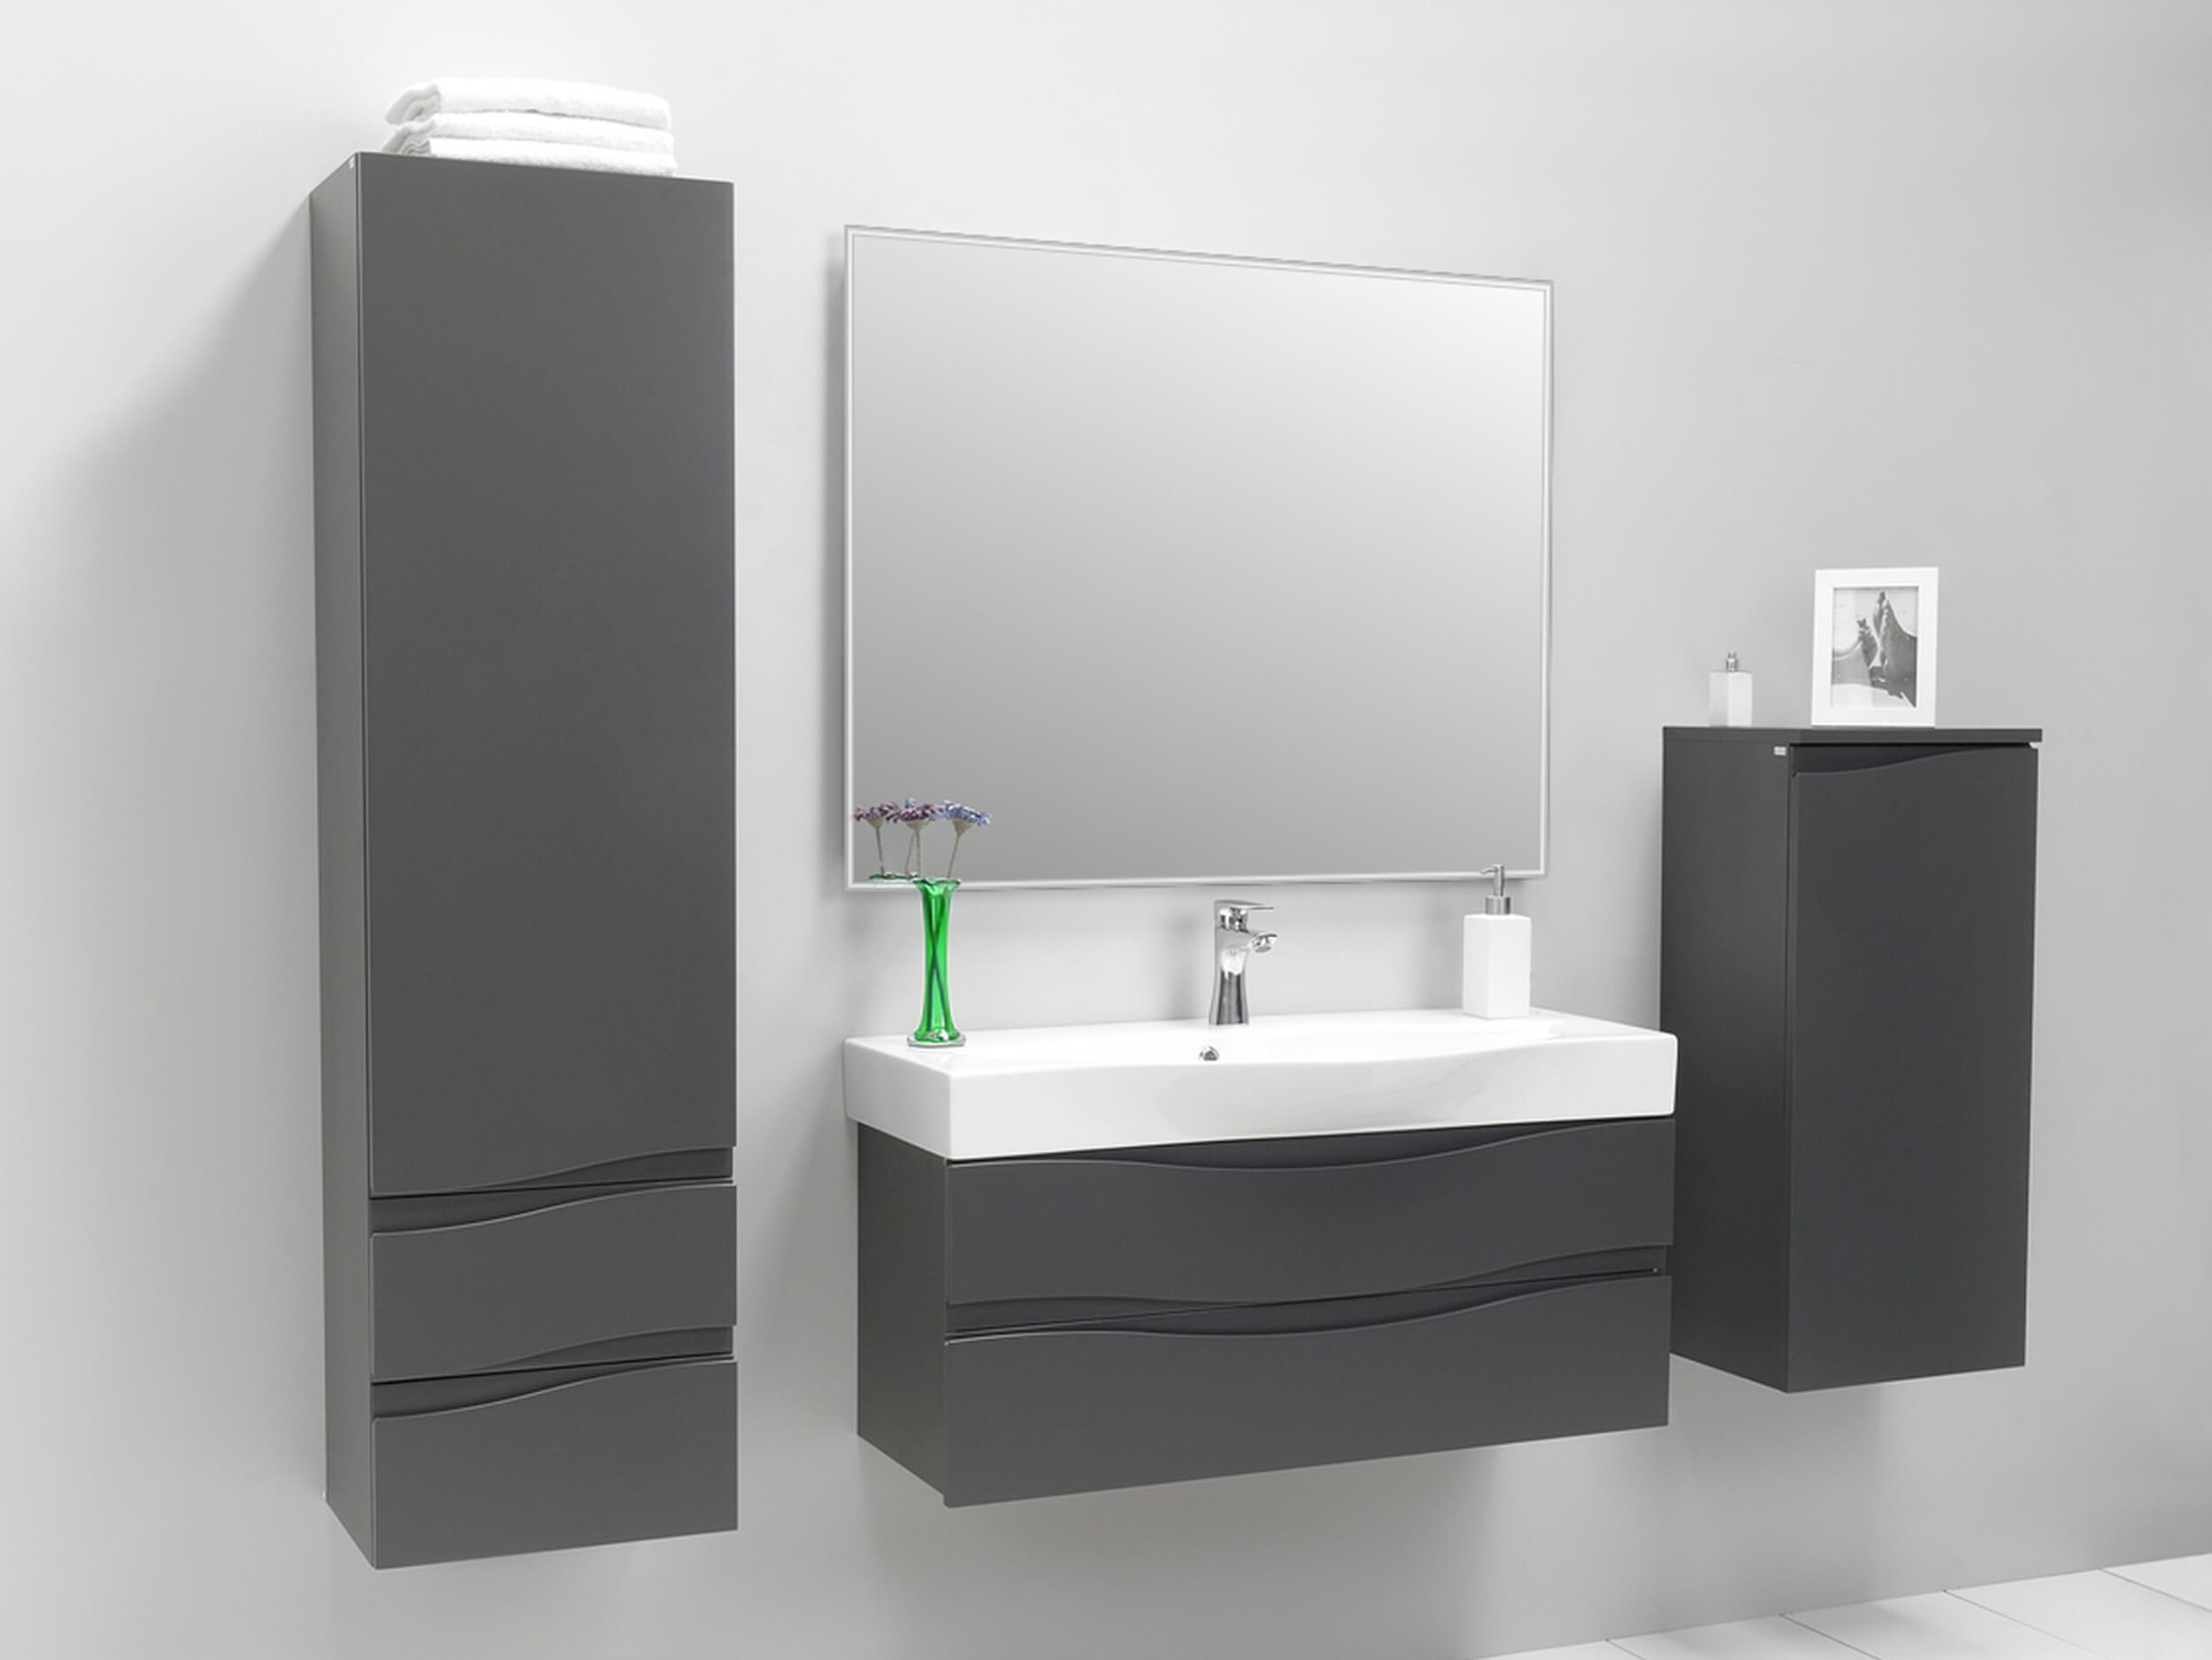 badezimmerm bel badm bel set waschtisch hochschrank schrank wei grau graphit ebay. Black Bedroom Furniture Sets. Home Design Ideas